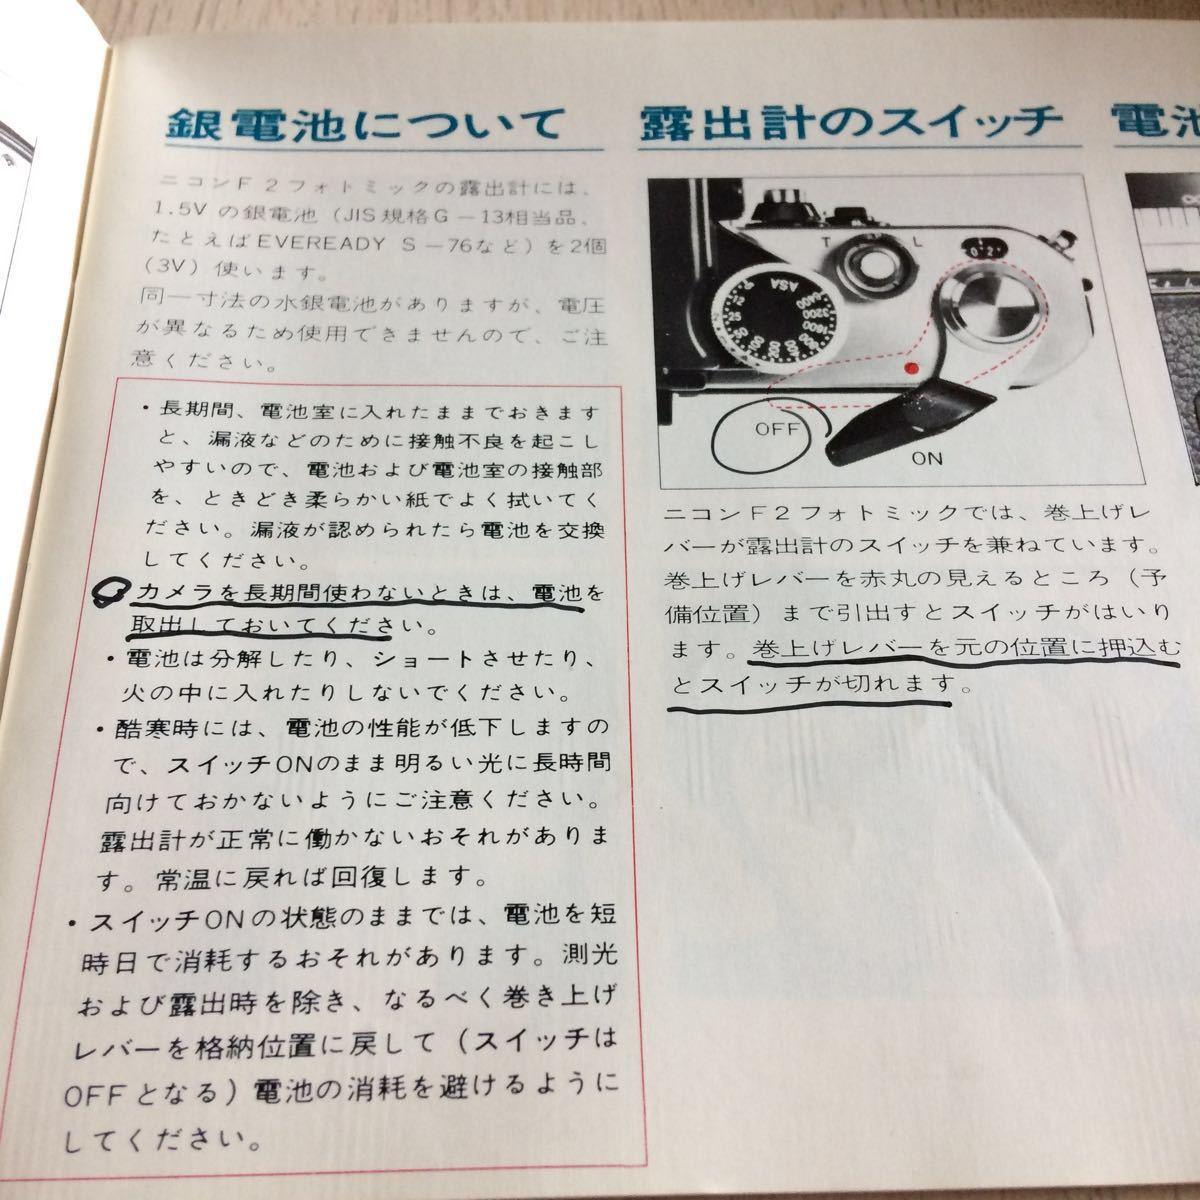 ニコン Nikon F2 取扱説明書 Nikonスピードライト_画像3